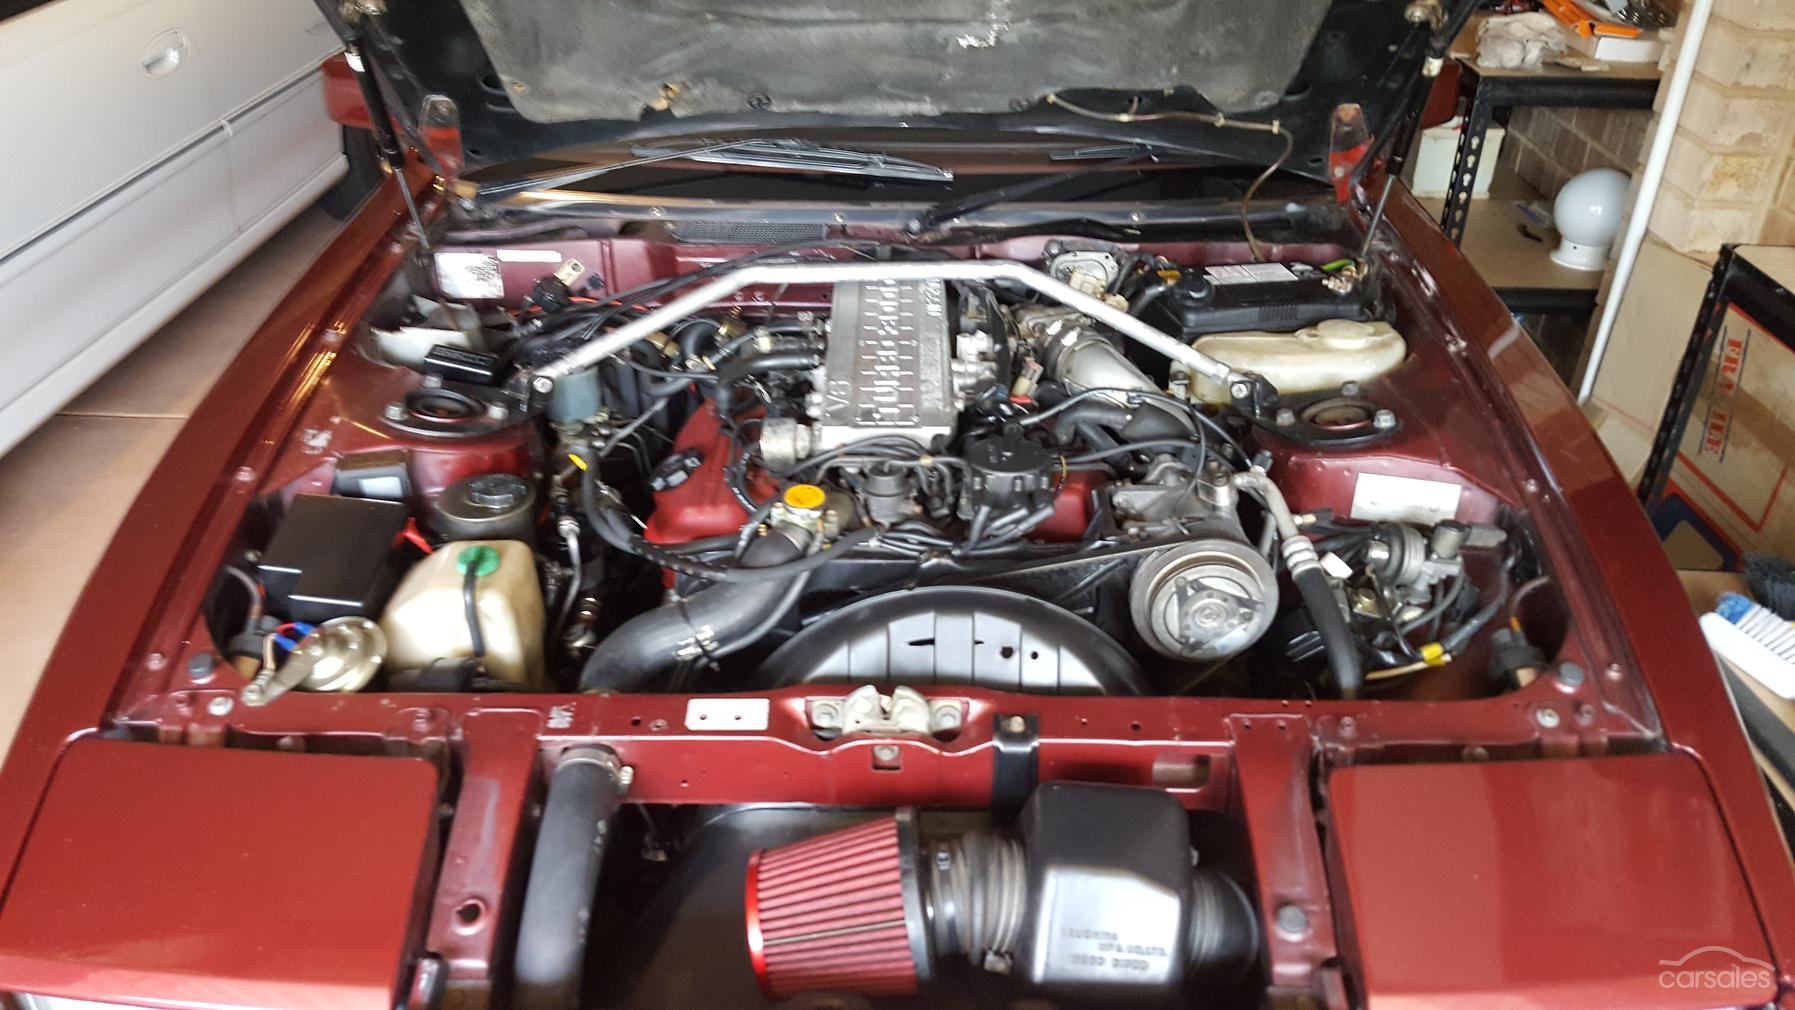 1984 Nissan 300ZX Z31 Auto-SSE-AD-6128932 - carsales com au